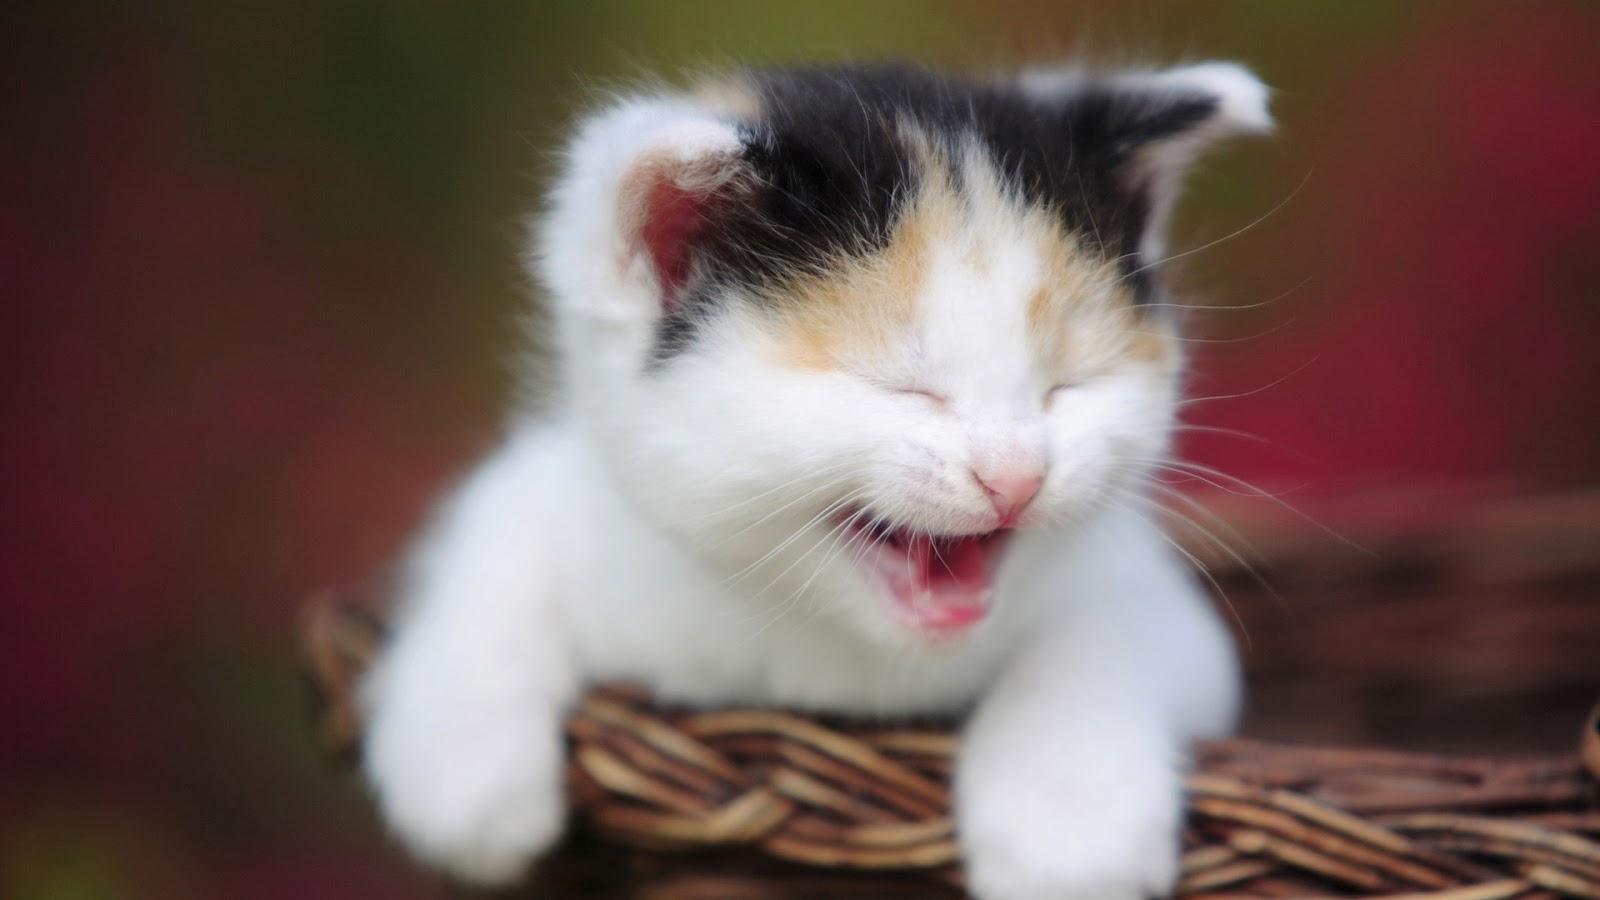 عکس پیشو ناز+گربه های بامزه